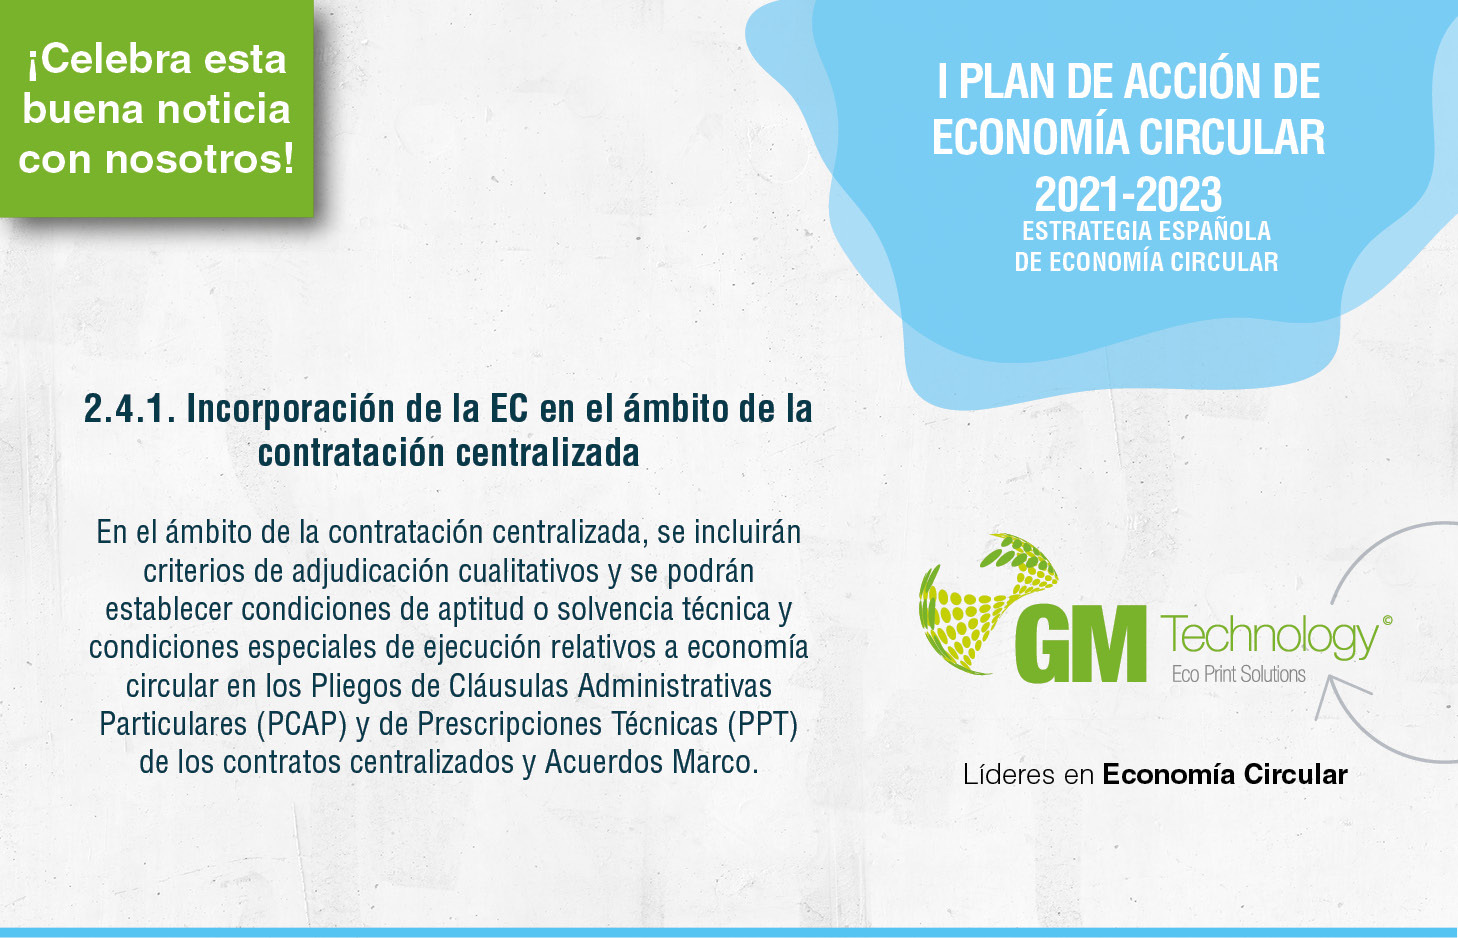 GM Technology celebra la aprobación del primer plan de acción para una transición efectiva hacia la Economía circular